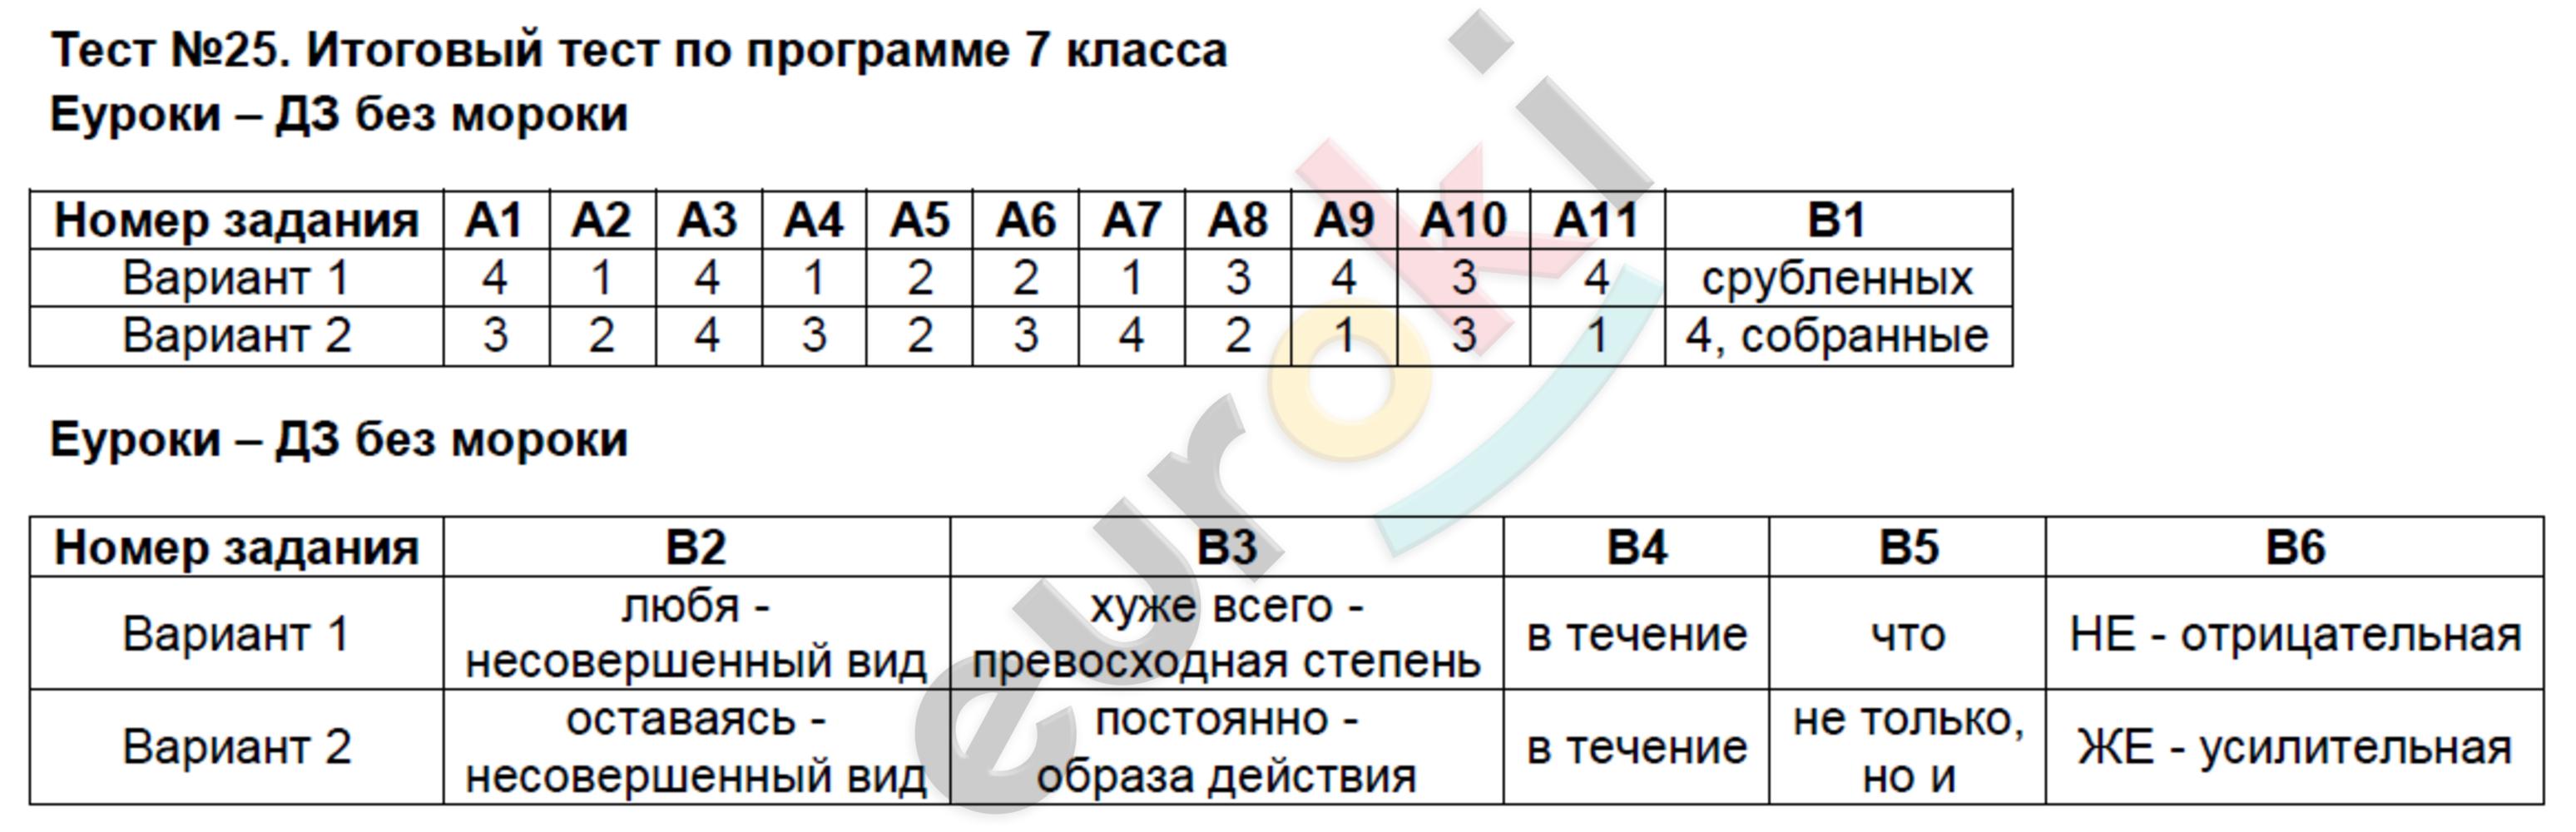 ГДЗ по русскому языку 7 класс контрольно-измерительные материалы Потапова. Задание: Тест 25. Итоговый тест по программе 7 класса